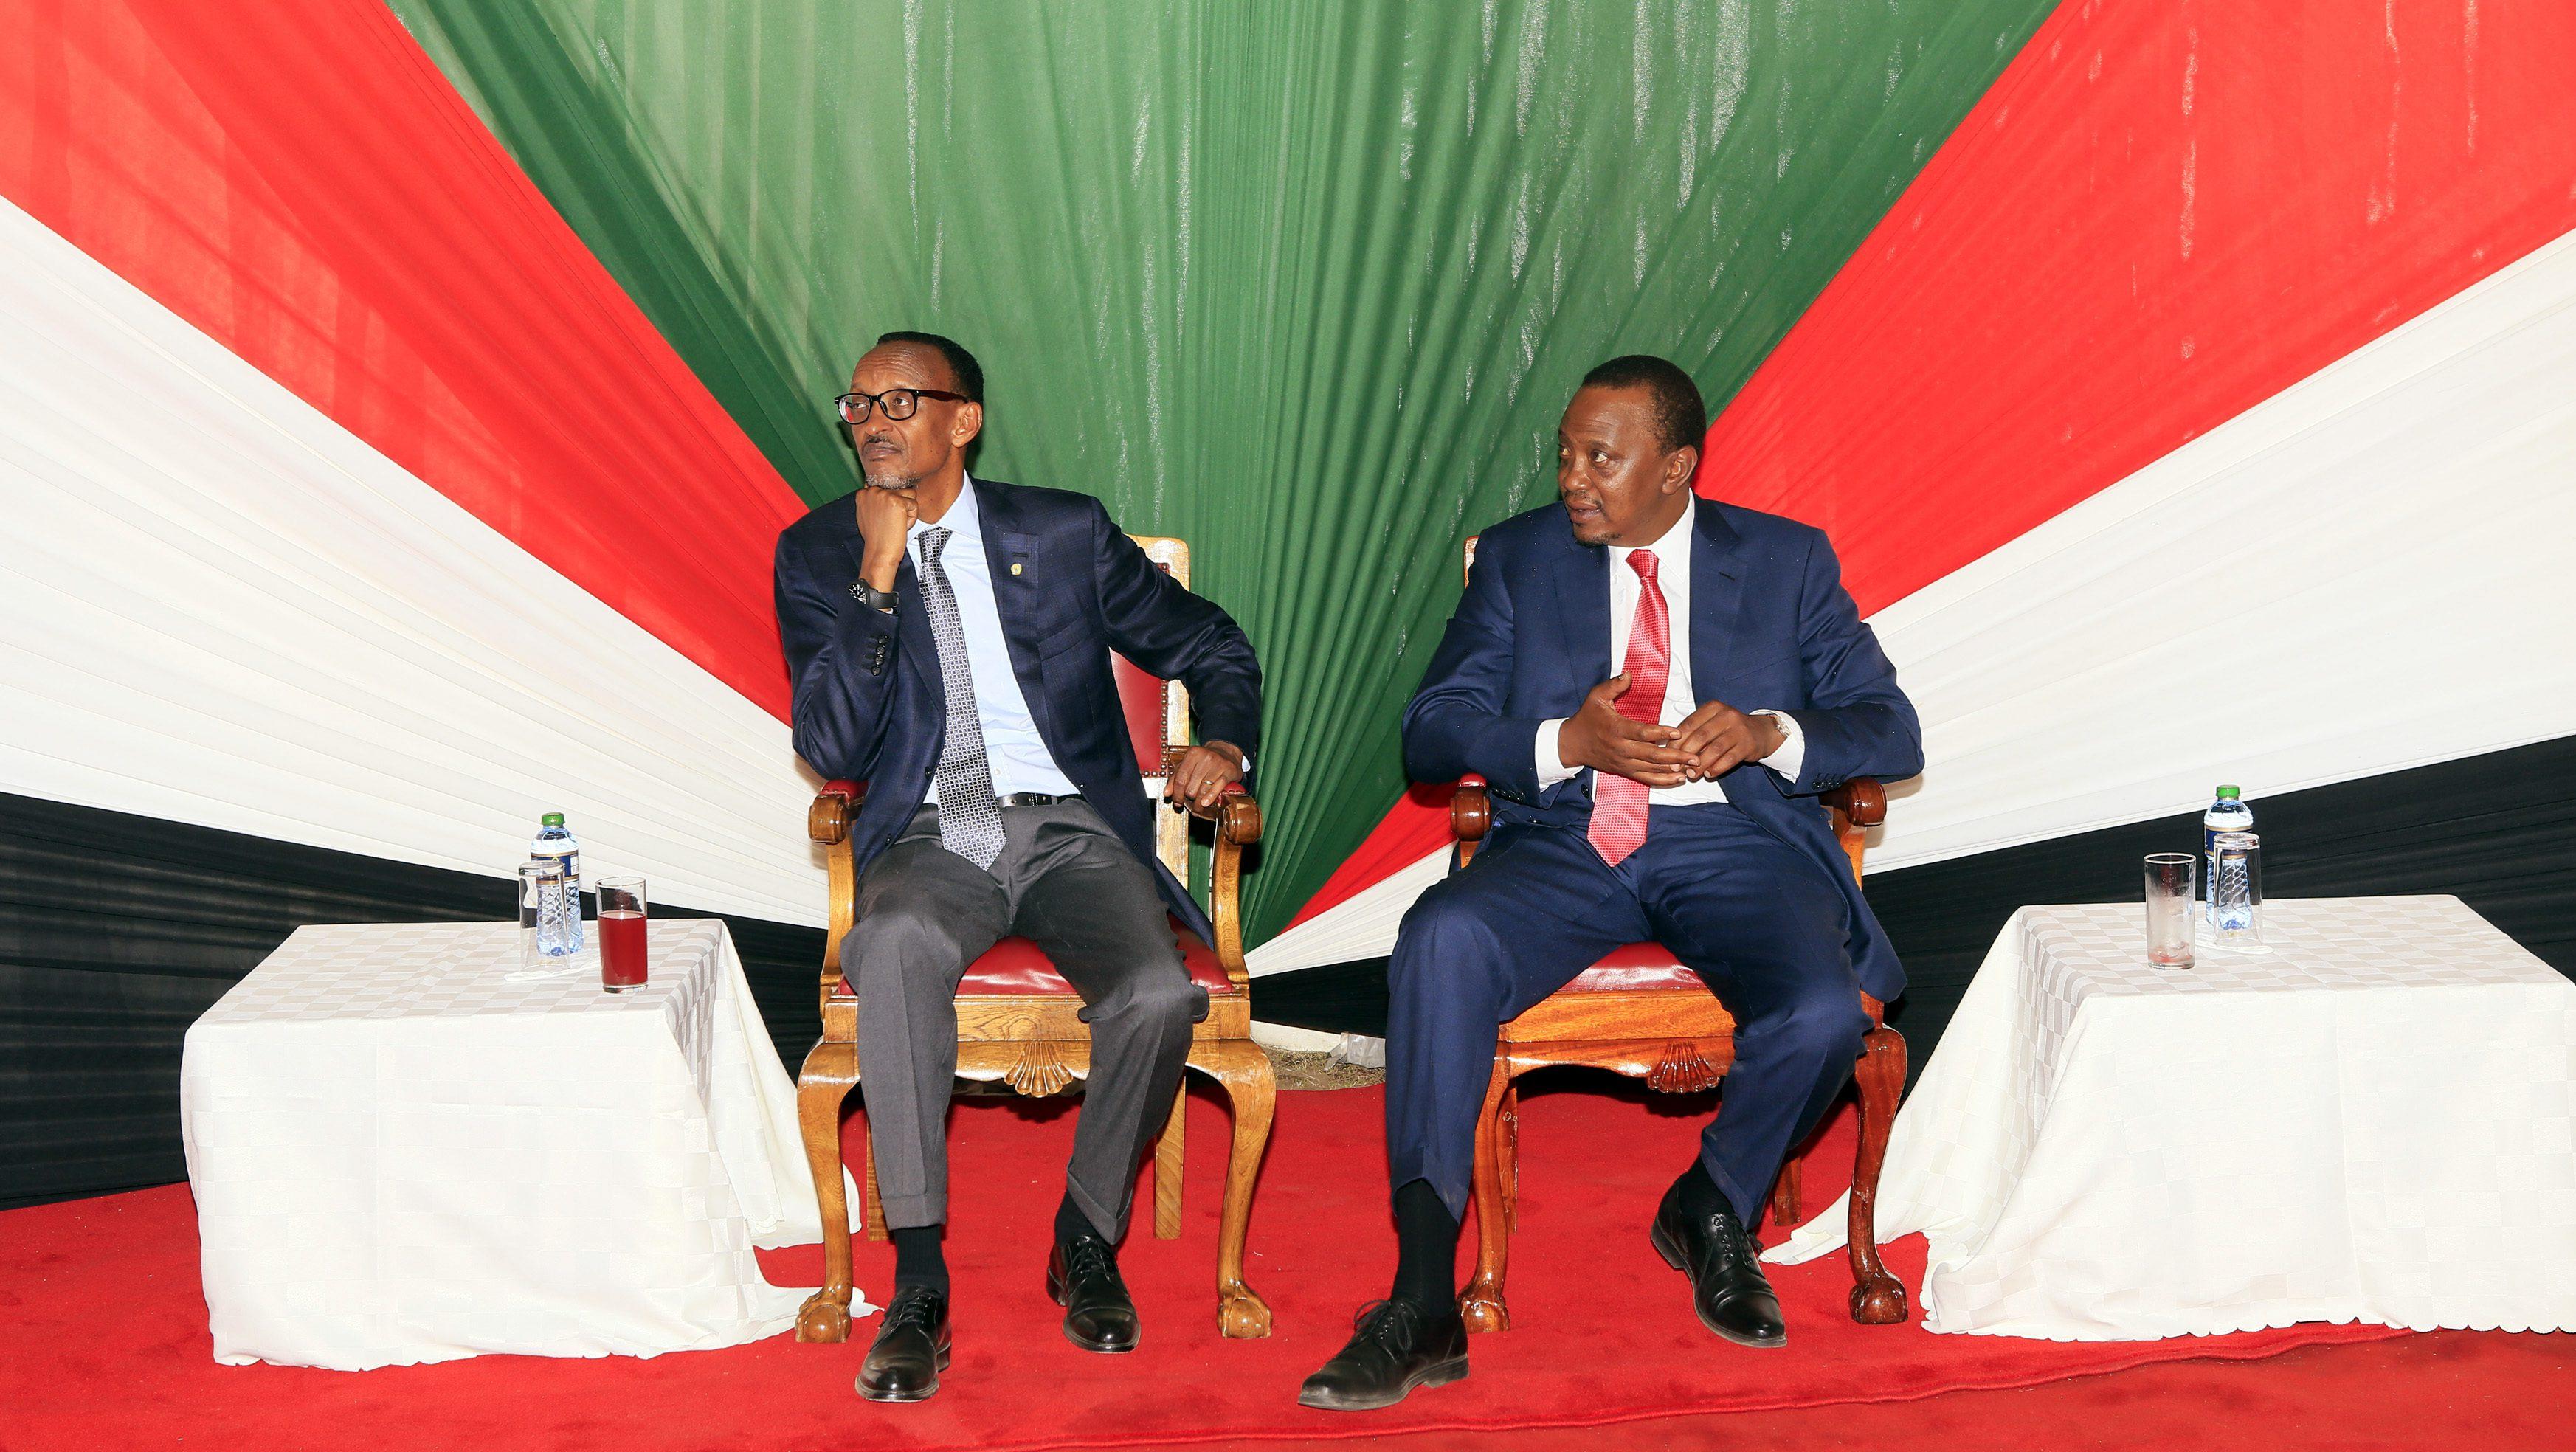 3feb64d24d5 Election in Kenya and Rwanda 2017: Uhuru Kenyatta and Paul Kagame ...